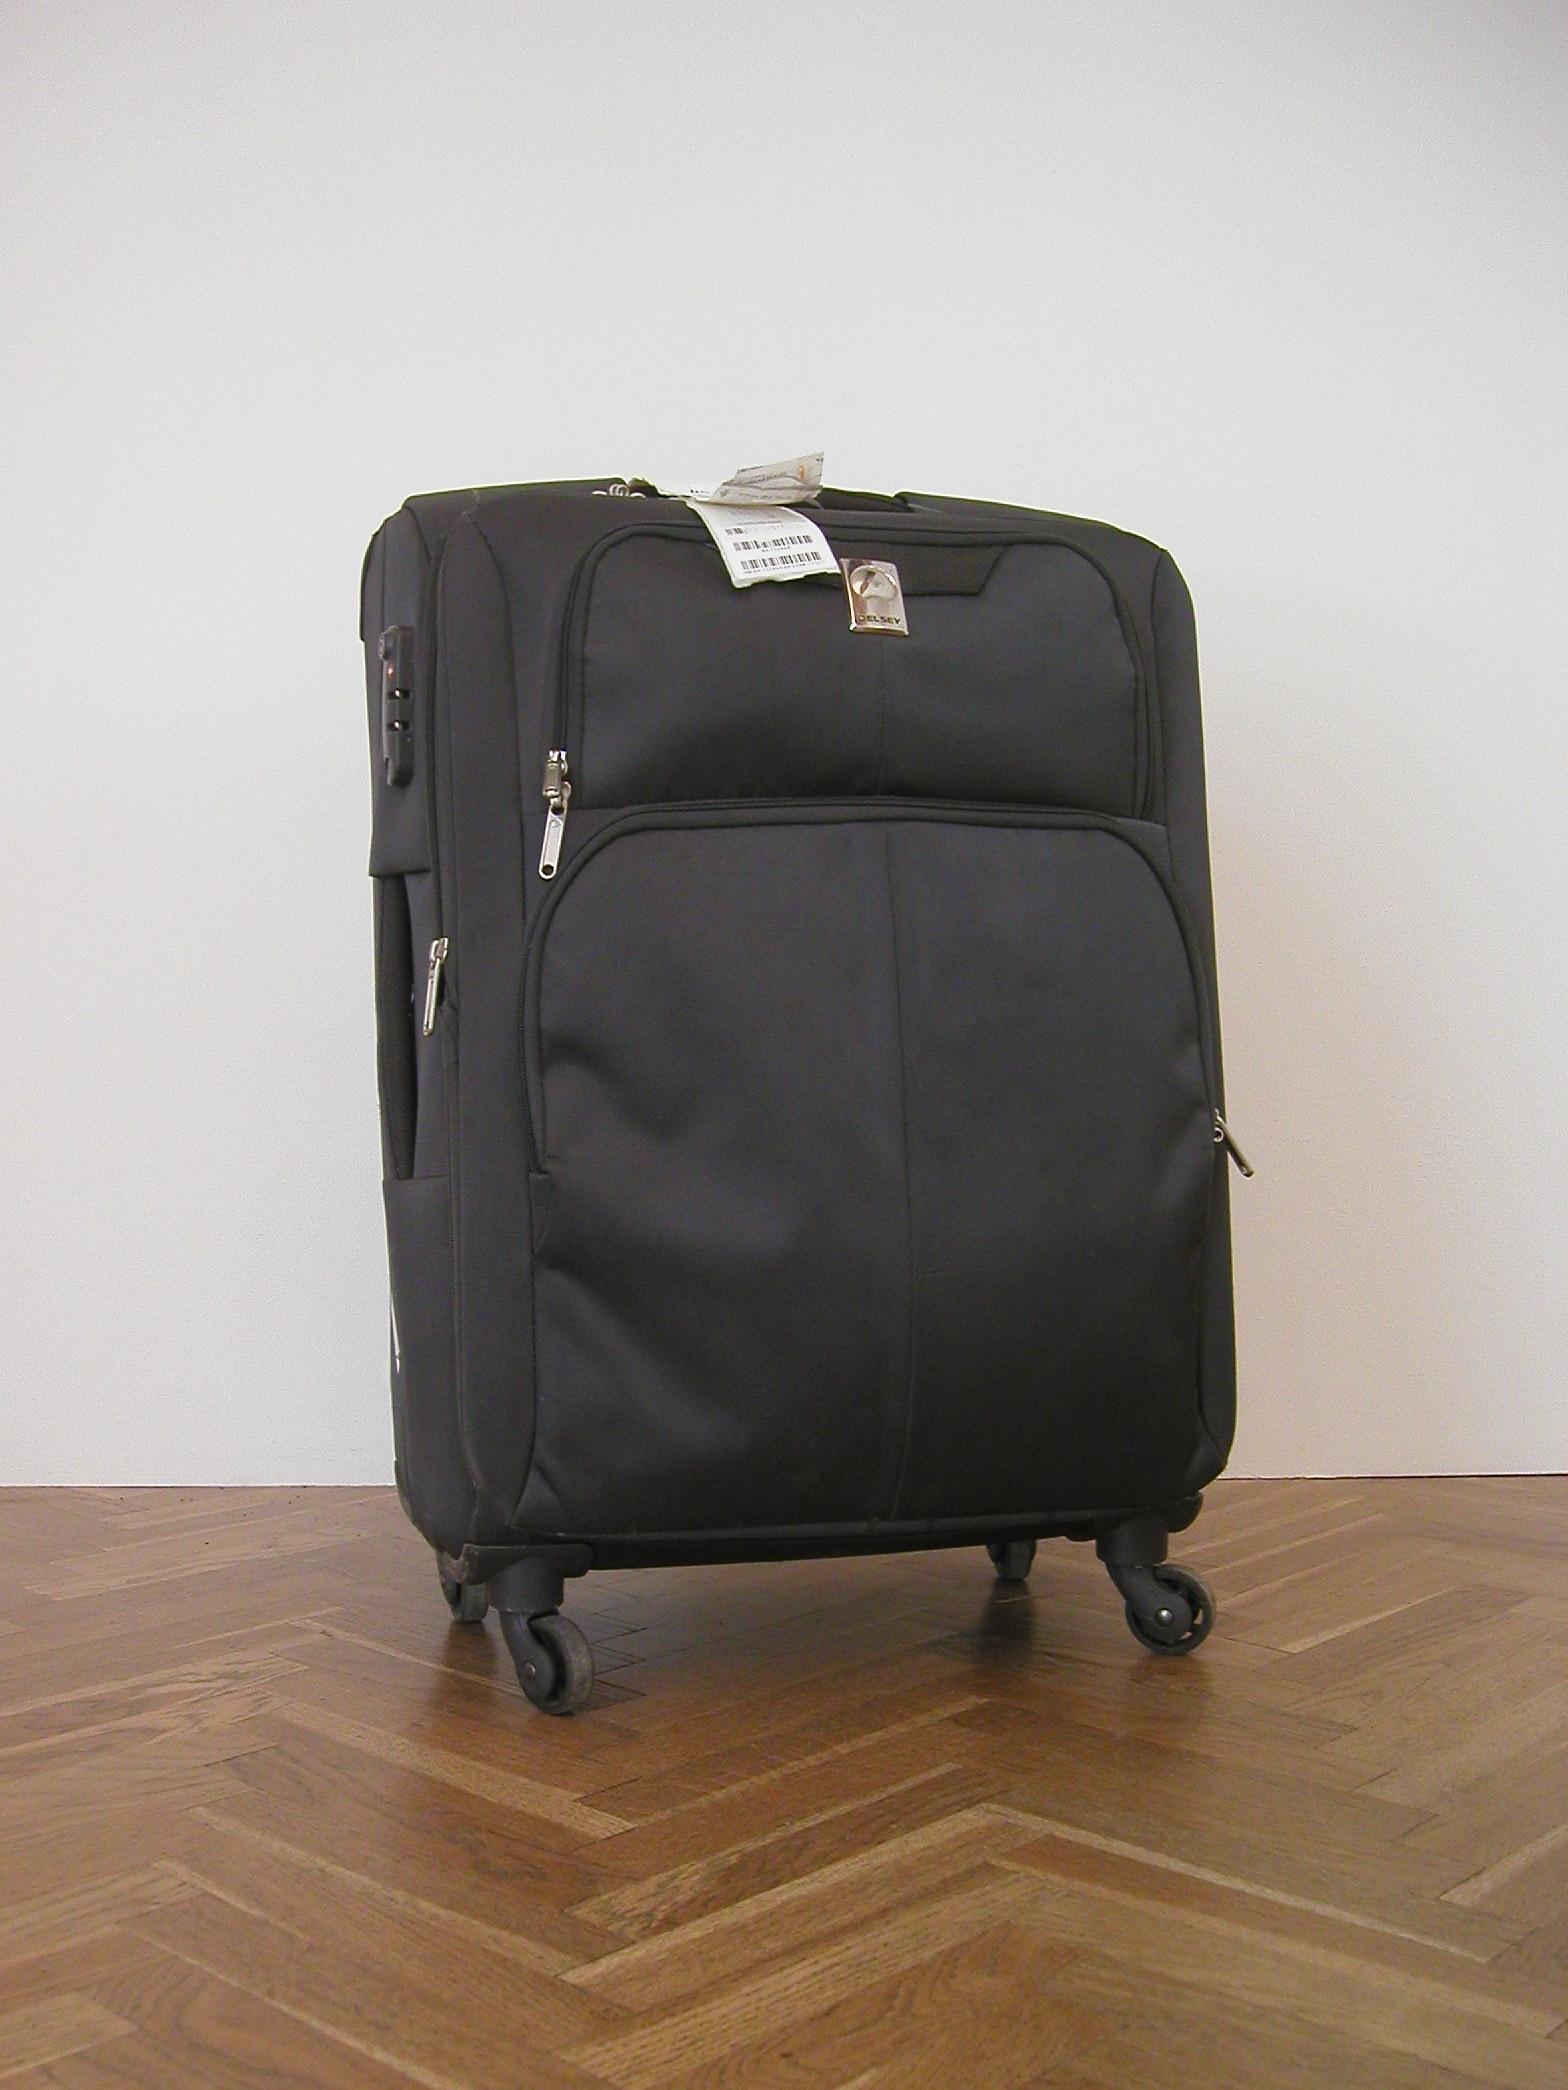 Unbeaufsichtigtes Gepäckstück   Unattended Luggage